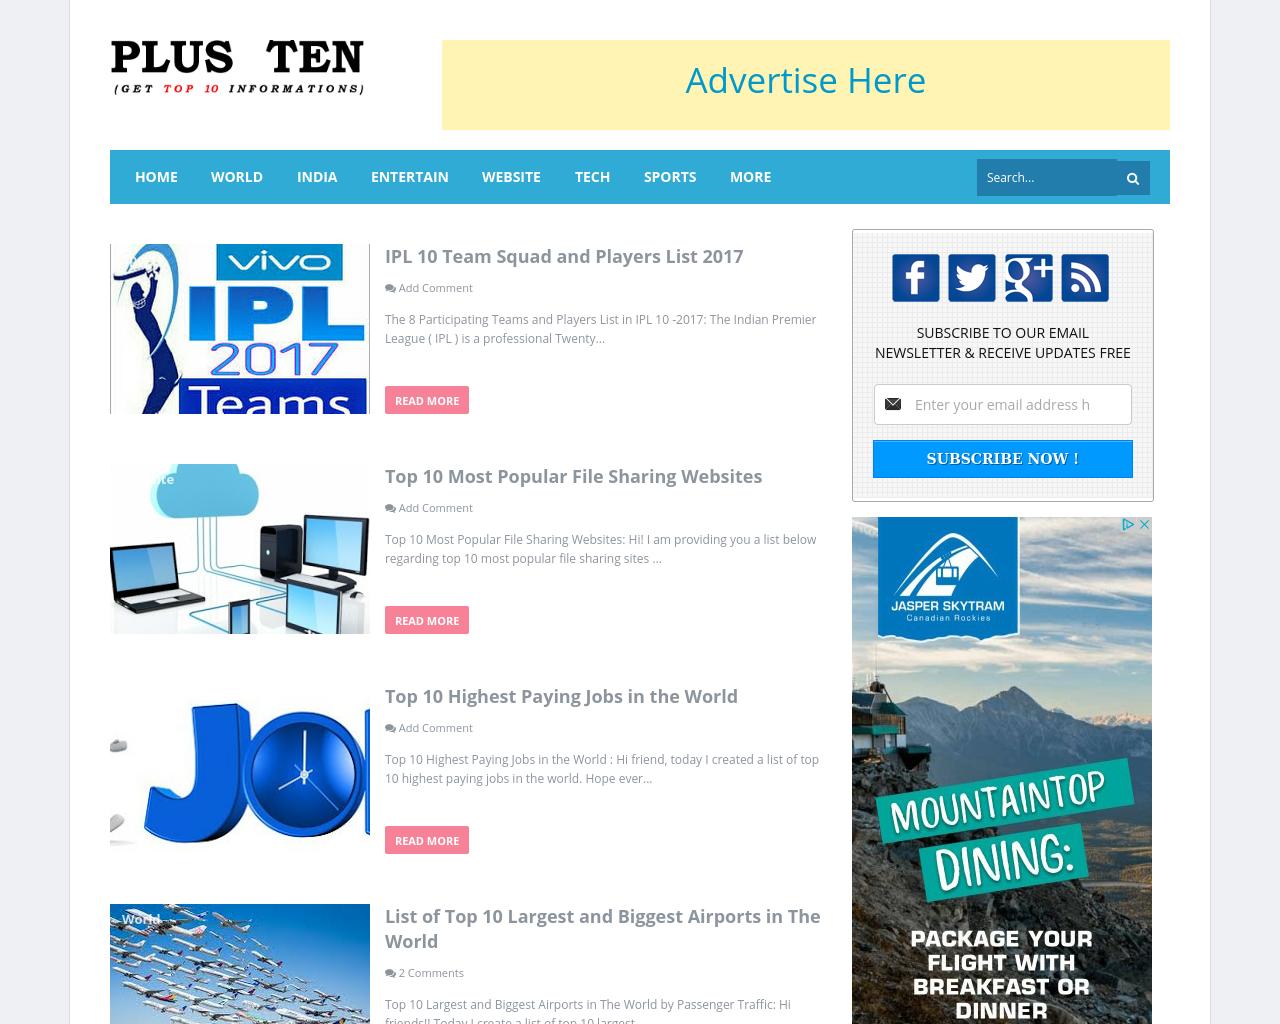 Plus-Ten-Advertising-Reviews-Pricing